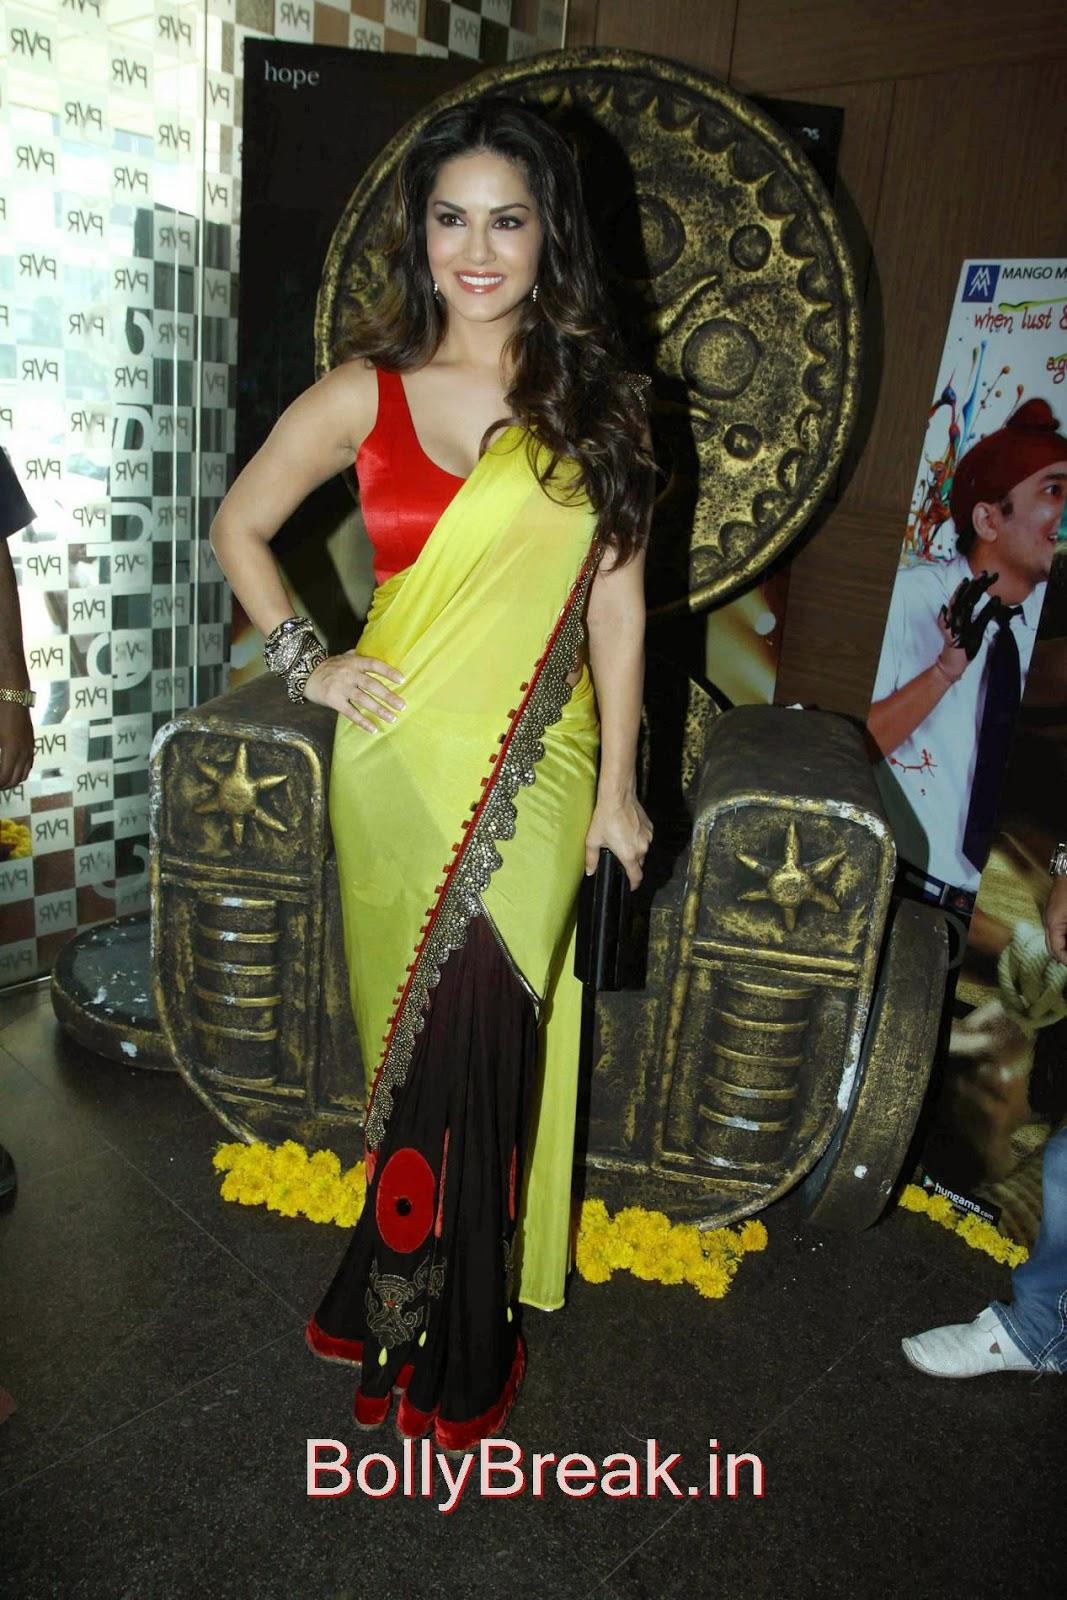 Leela Movie Actress Sunny Leone Hot Pics In Yellow Saree -3613